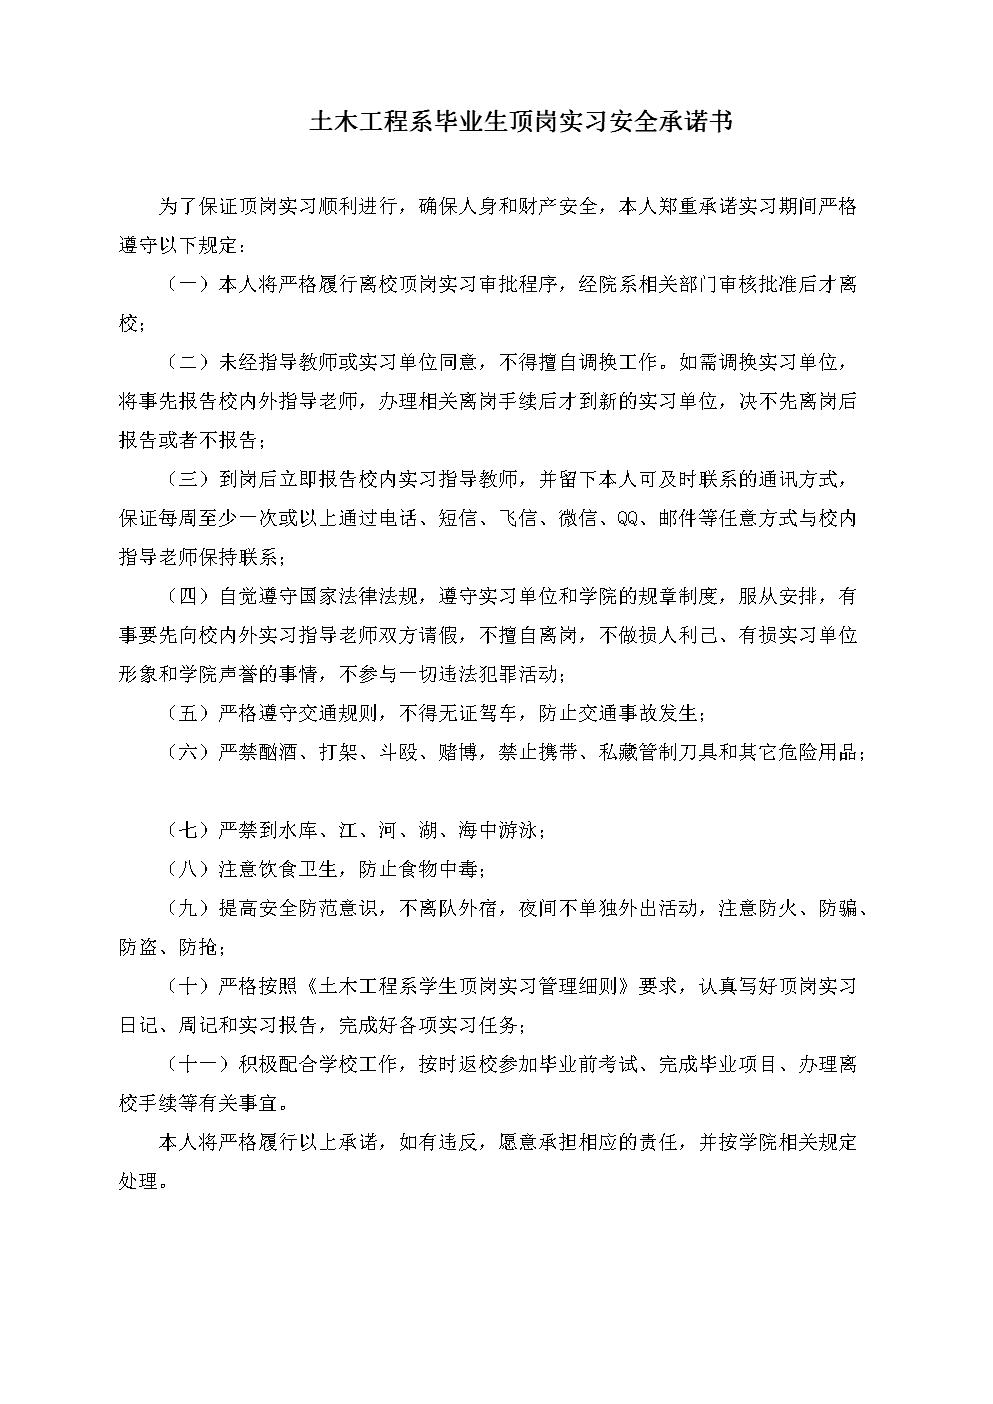 大学系毕业生顶岗实习安全承诺书模版.doc